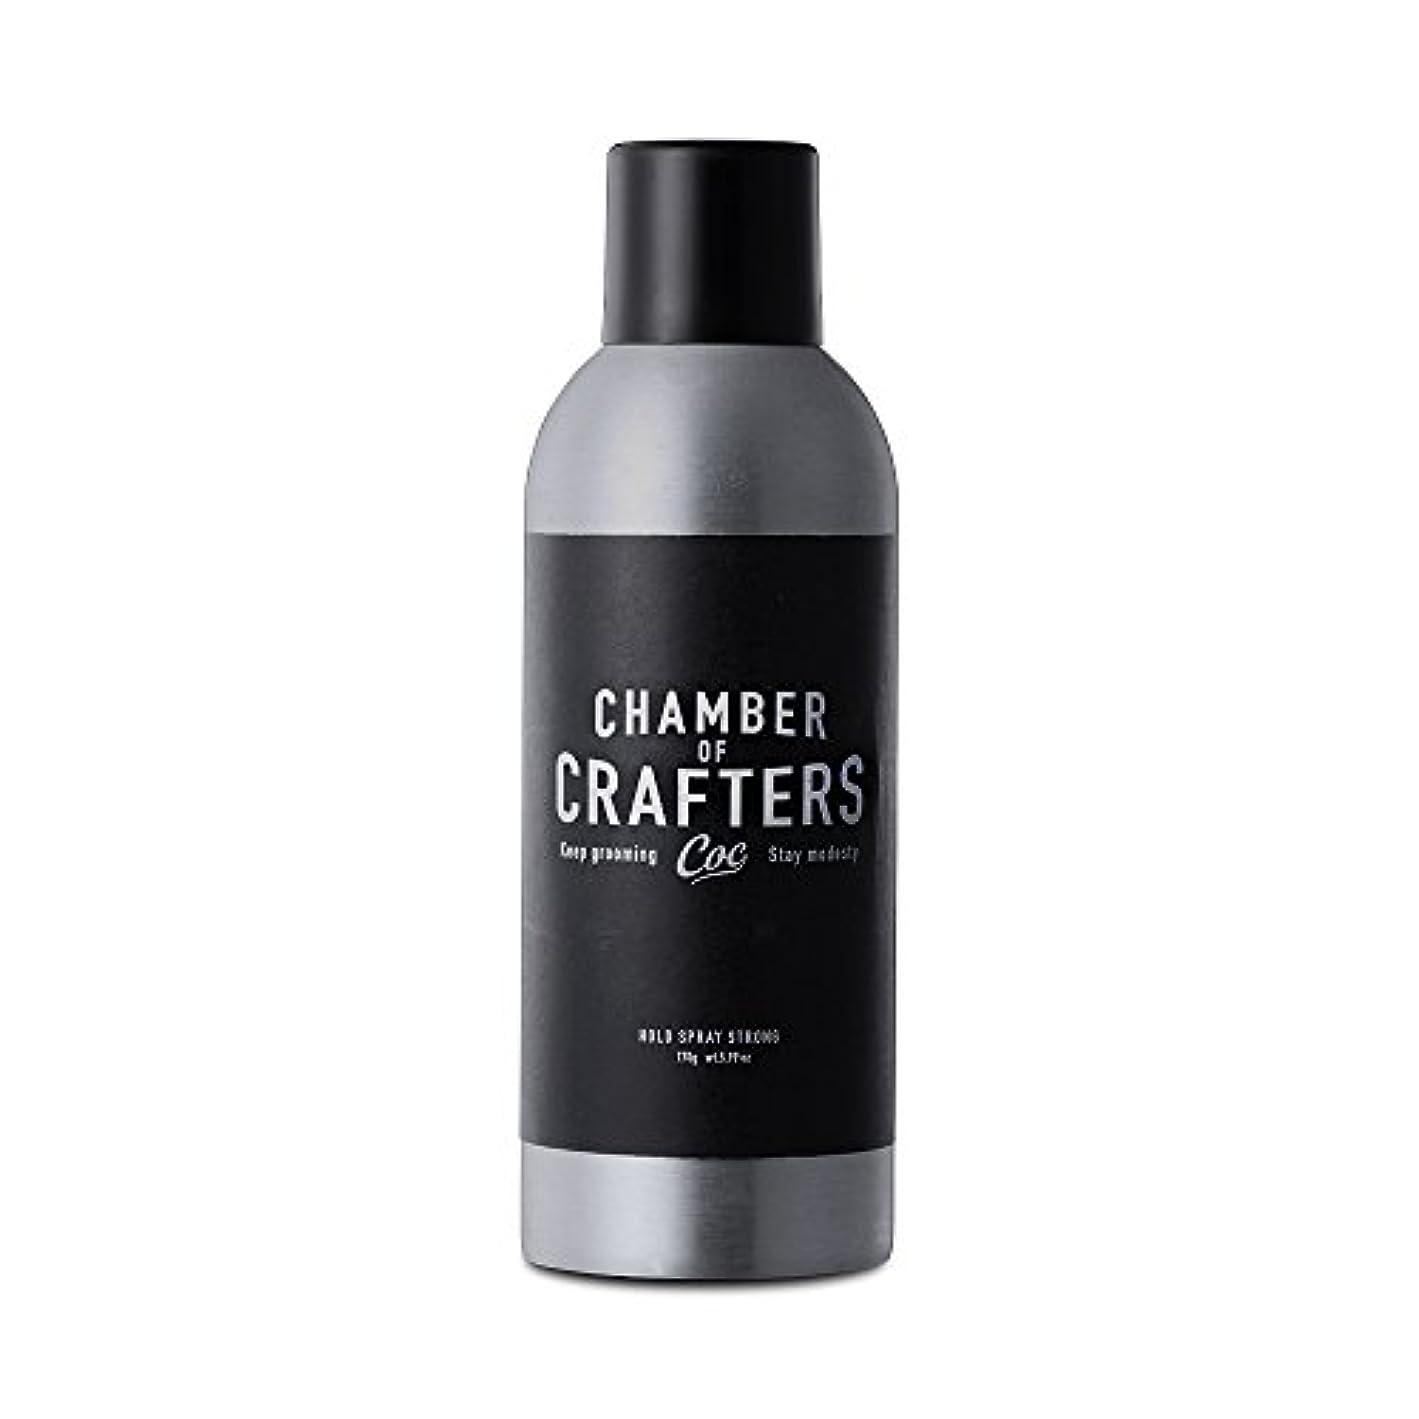 航海の月曜日ハチCHAMBER OF CRAFTERS チェンバーオブクラフターズ ホールドスプレー 170g シトラスグリーンの香り